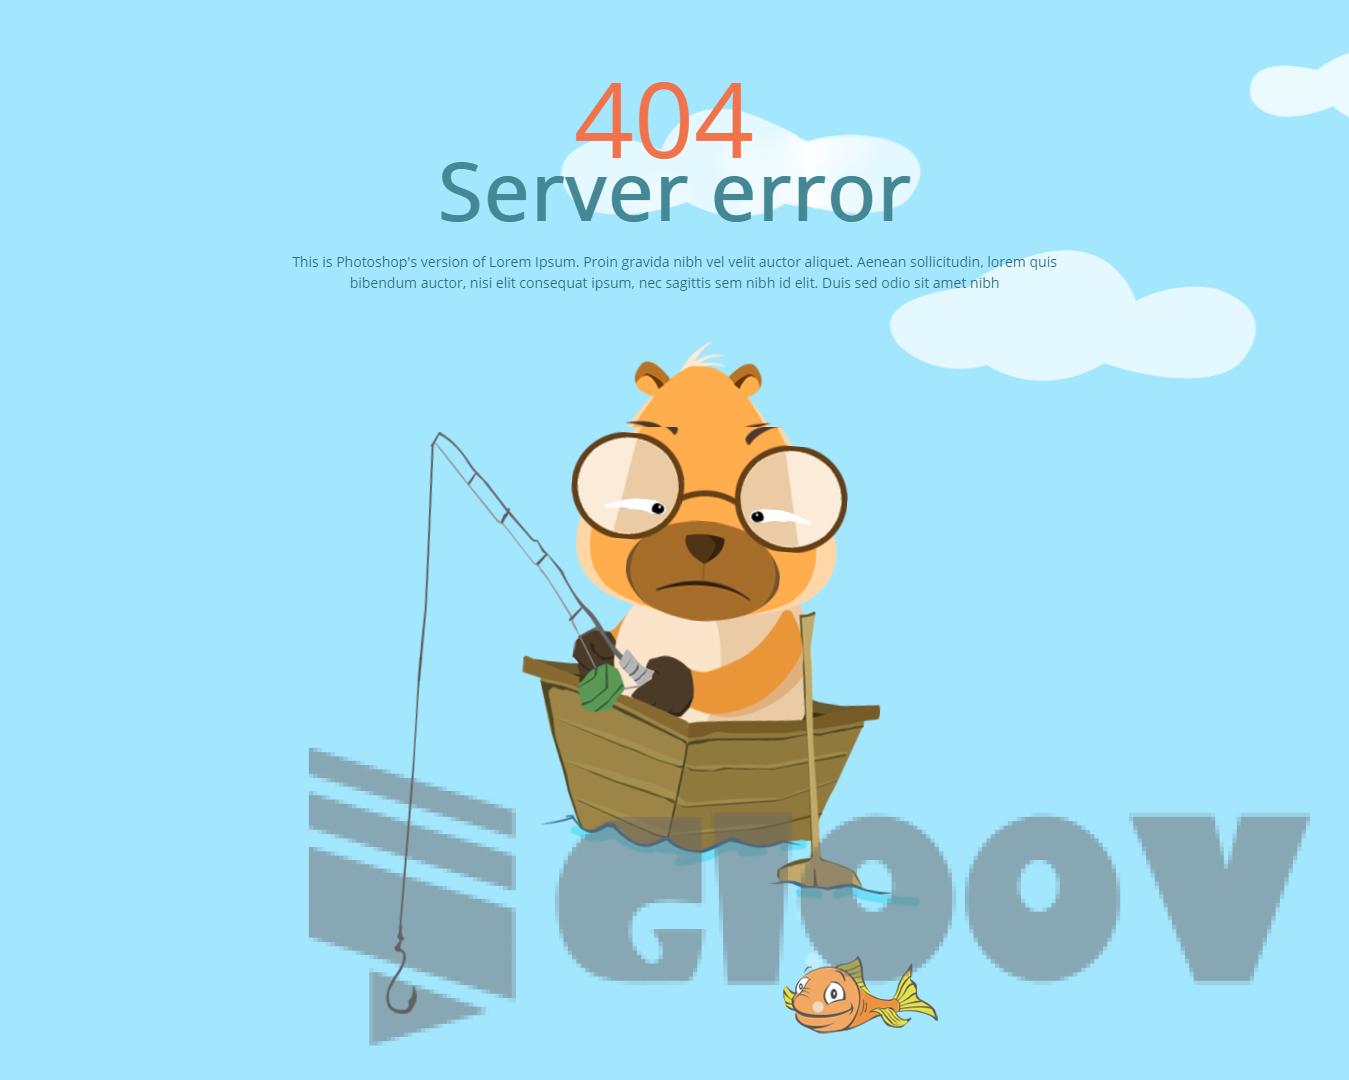 出错也要有个性——10个精品个性动态动画404错误页面预览+下载